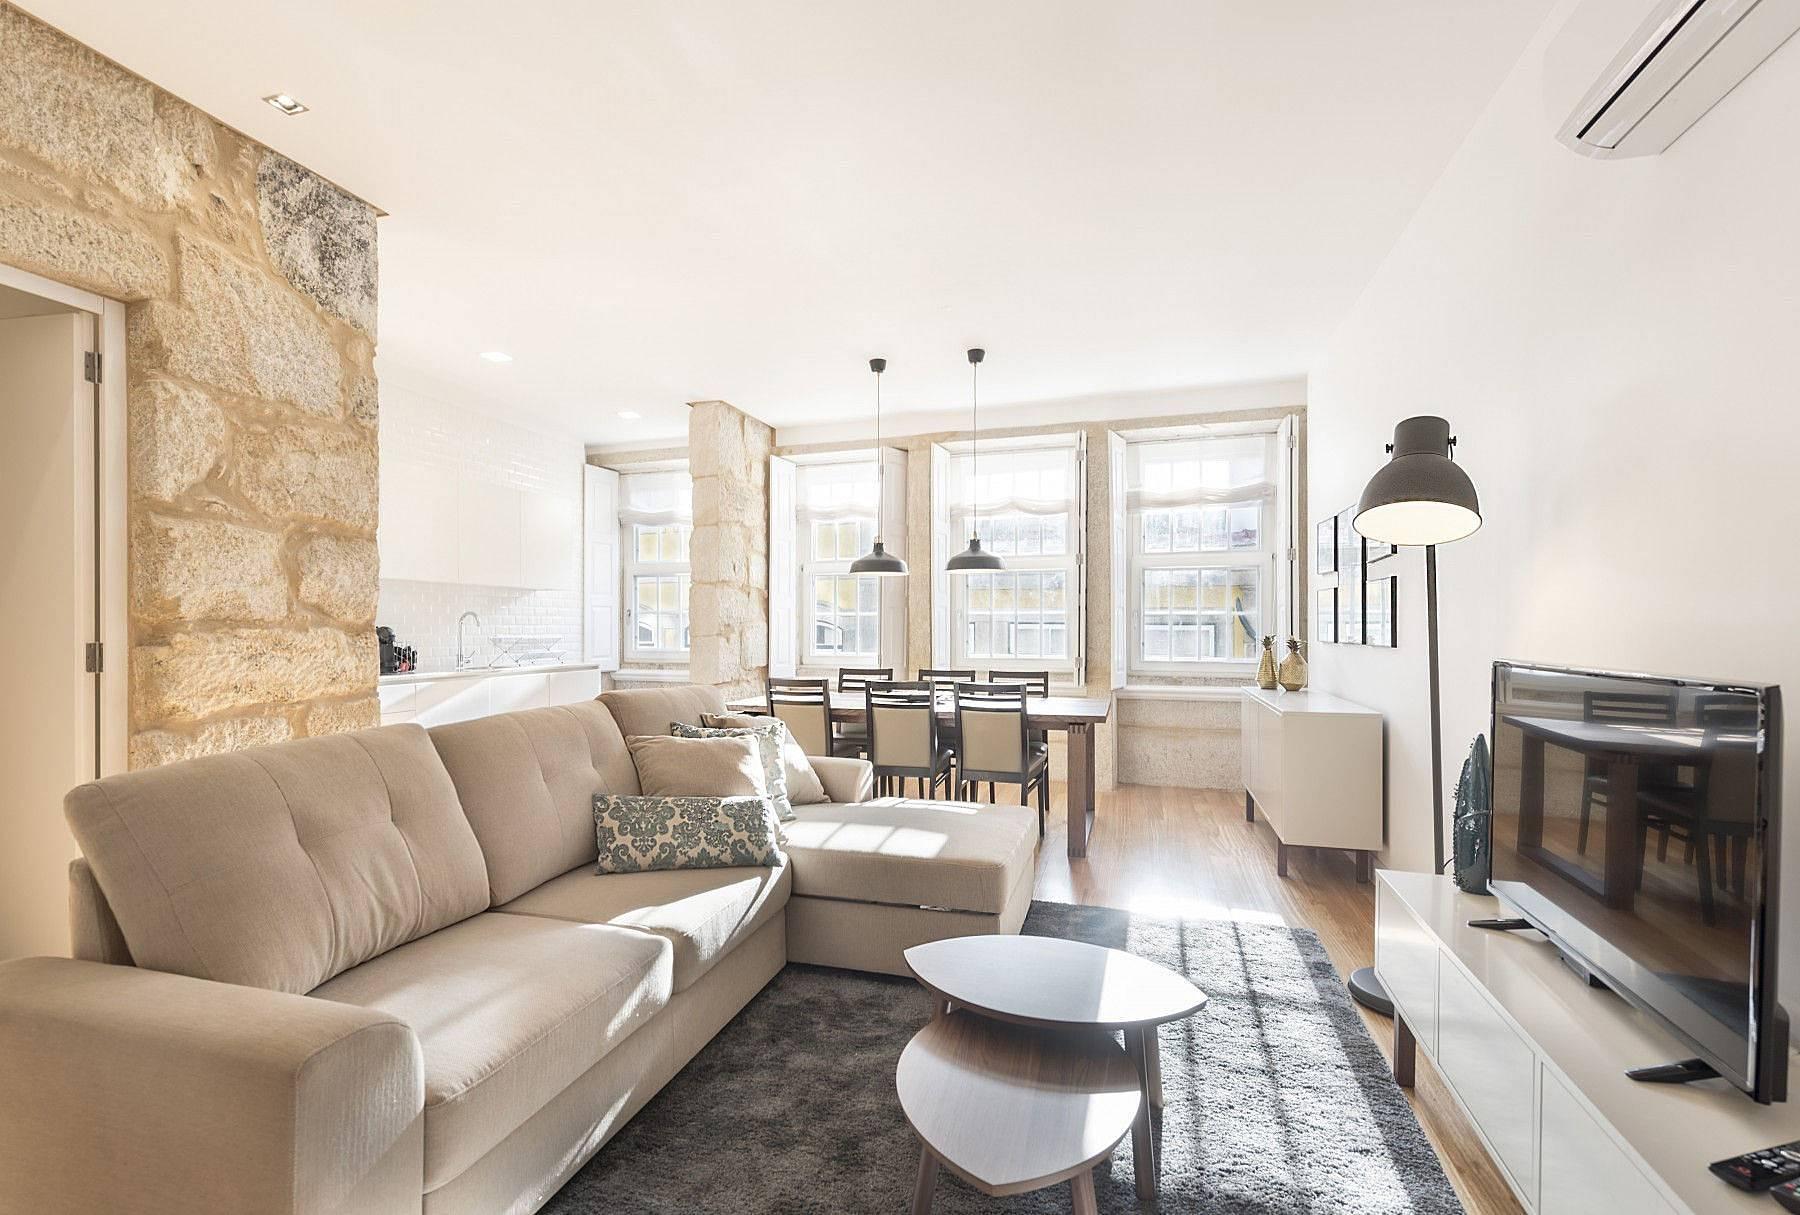 Apartamento en alquiler en oporto vit ria oporto - Apartamentos en alquiler en vitoria ...